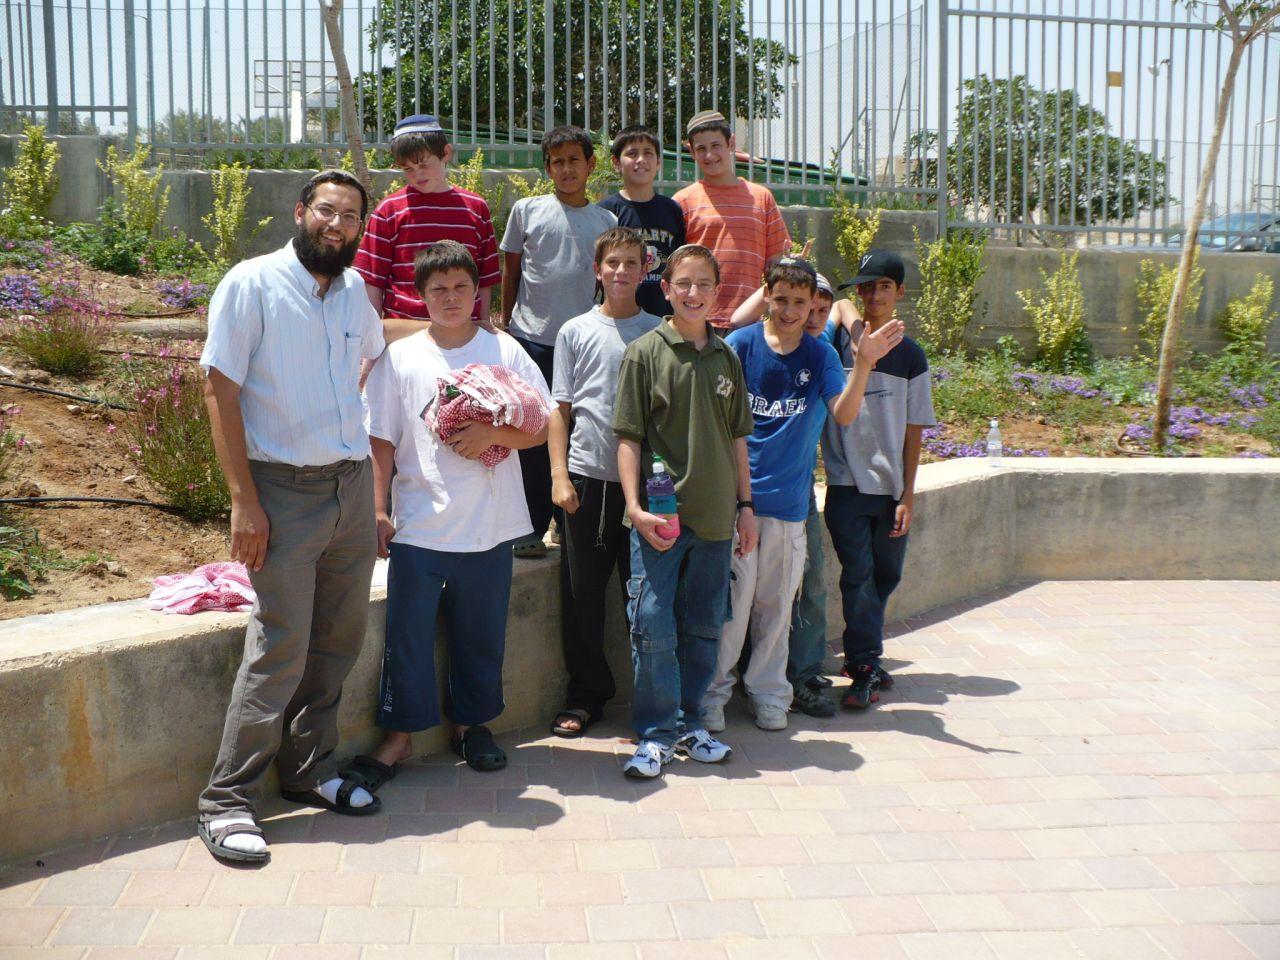 ישי בפעילות סוף שנה עם הכיתה והמחנך